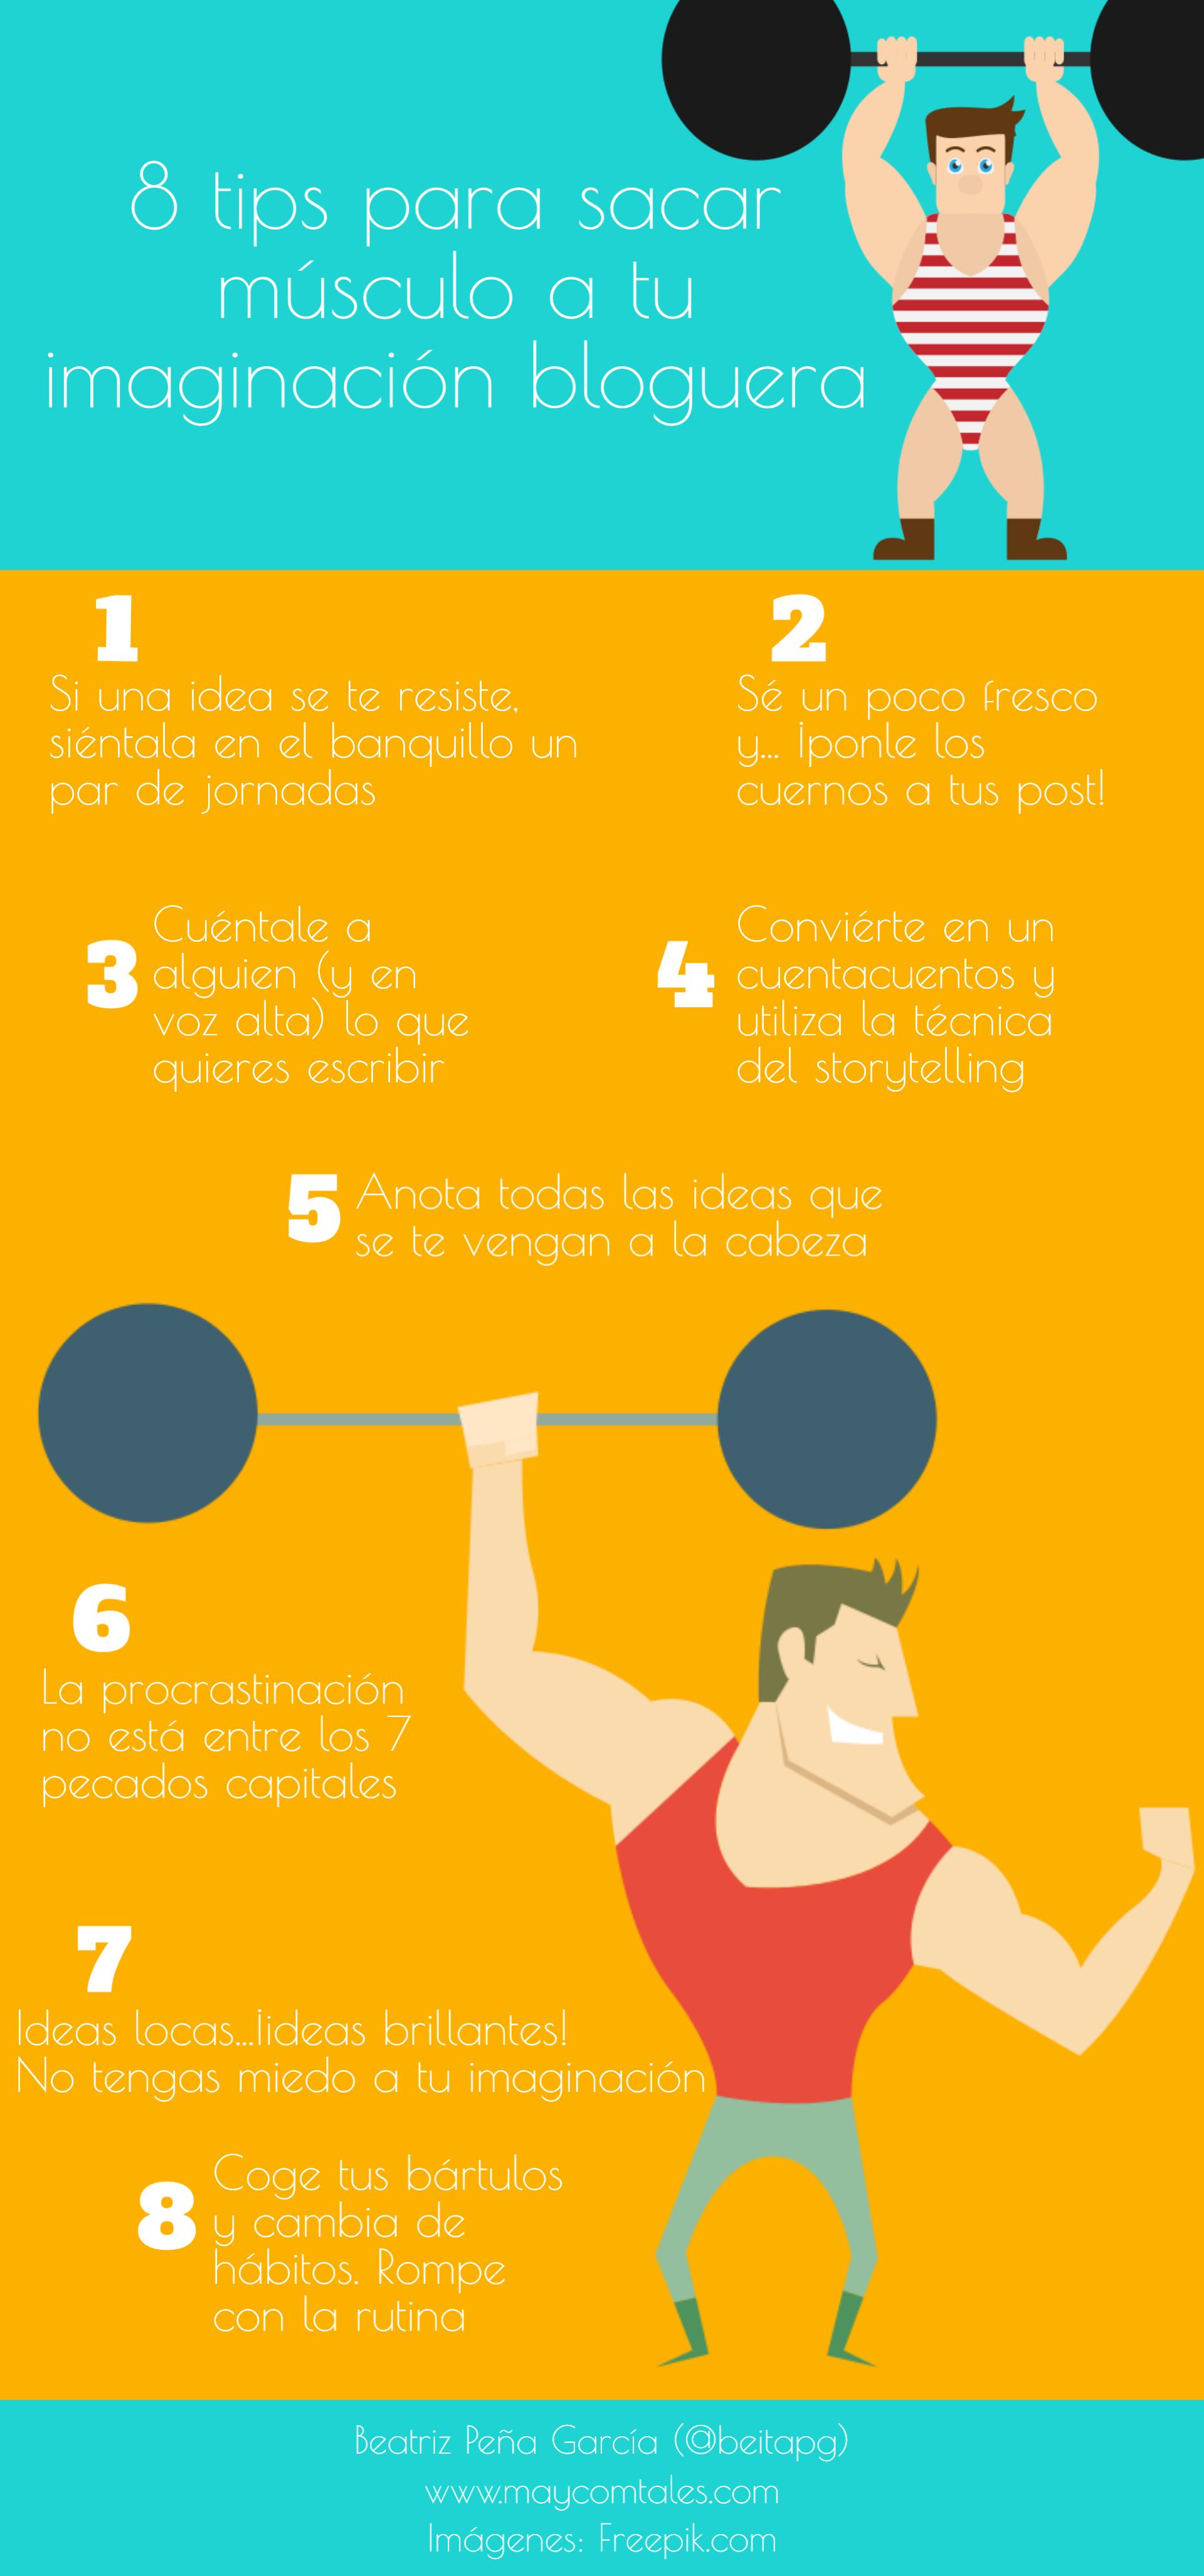 Infografía 8 tips para sacar músculo a tu imaginación bloguera